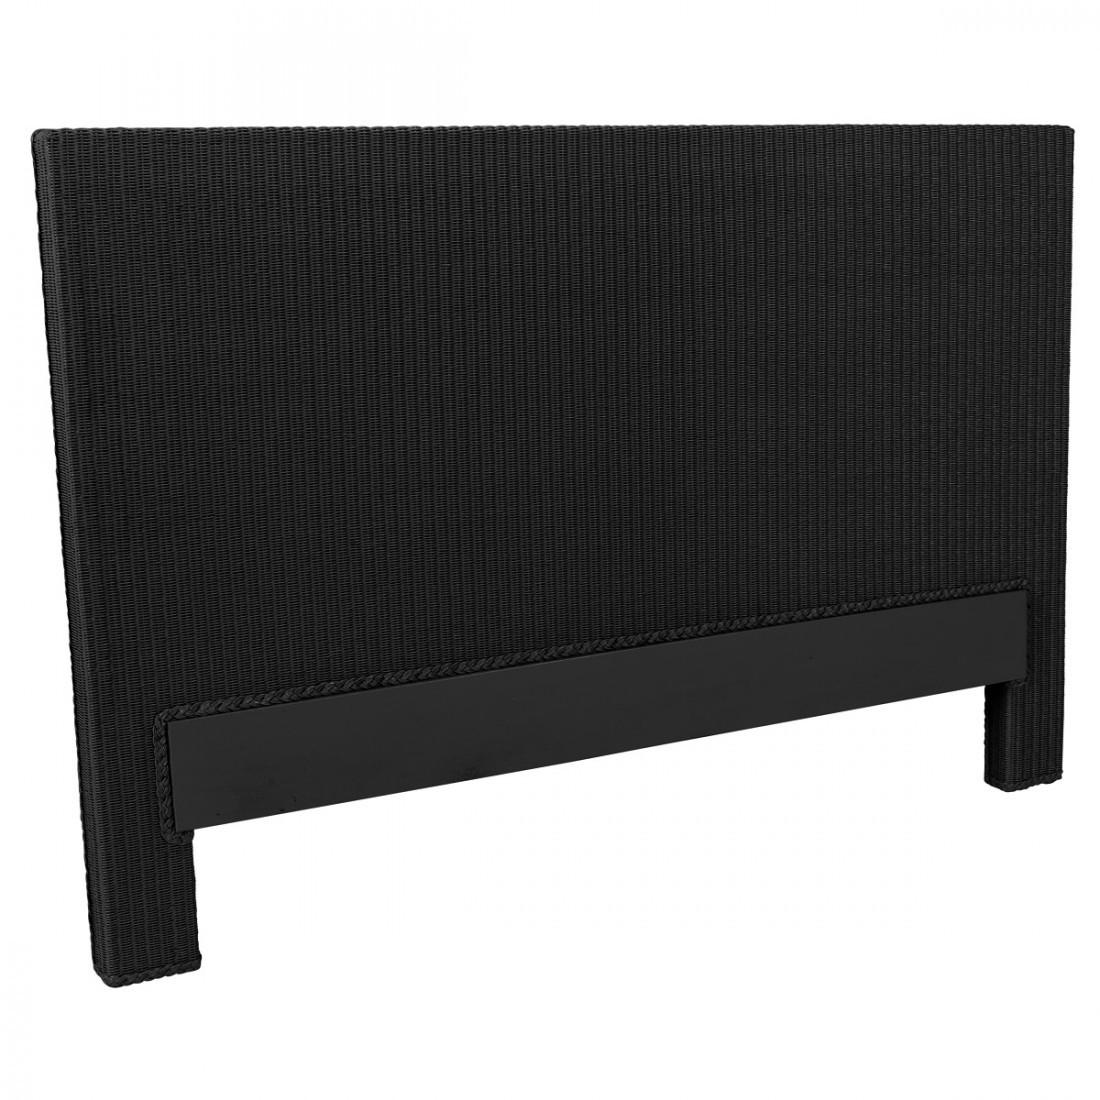 Ikea Canapés Convertibles Impressionnant Collection Tete De Lit Noire Ides 19 Noir Avec 2 Personnes En Simili Cuir T Te